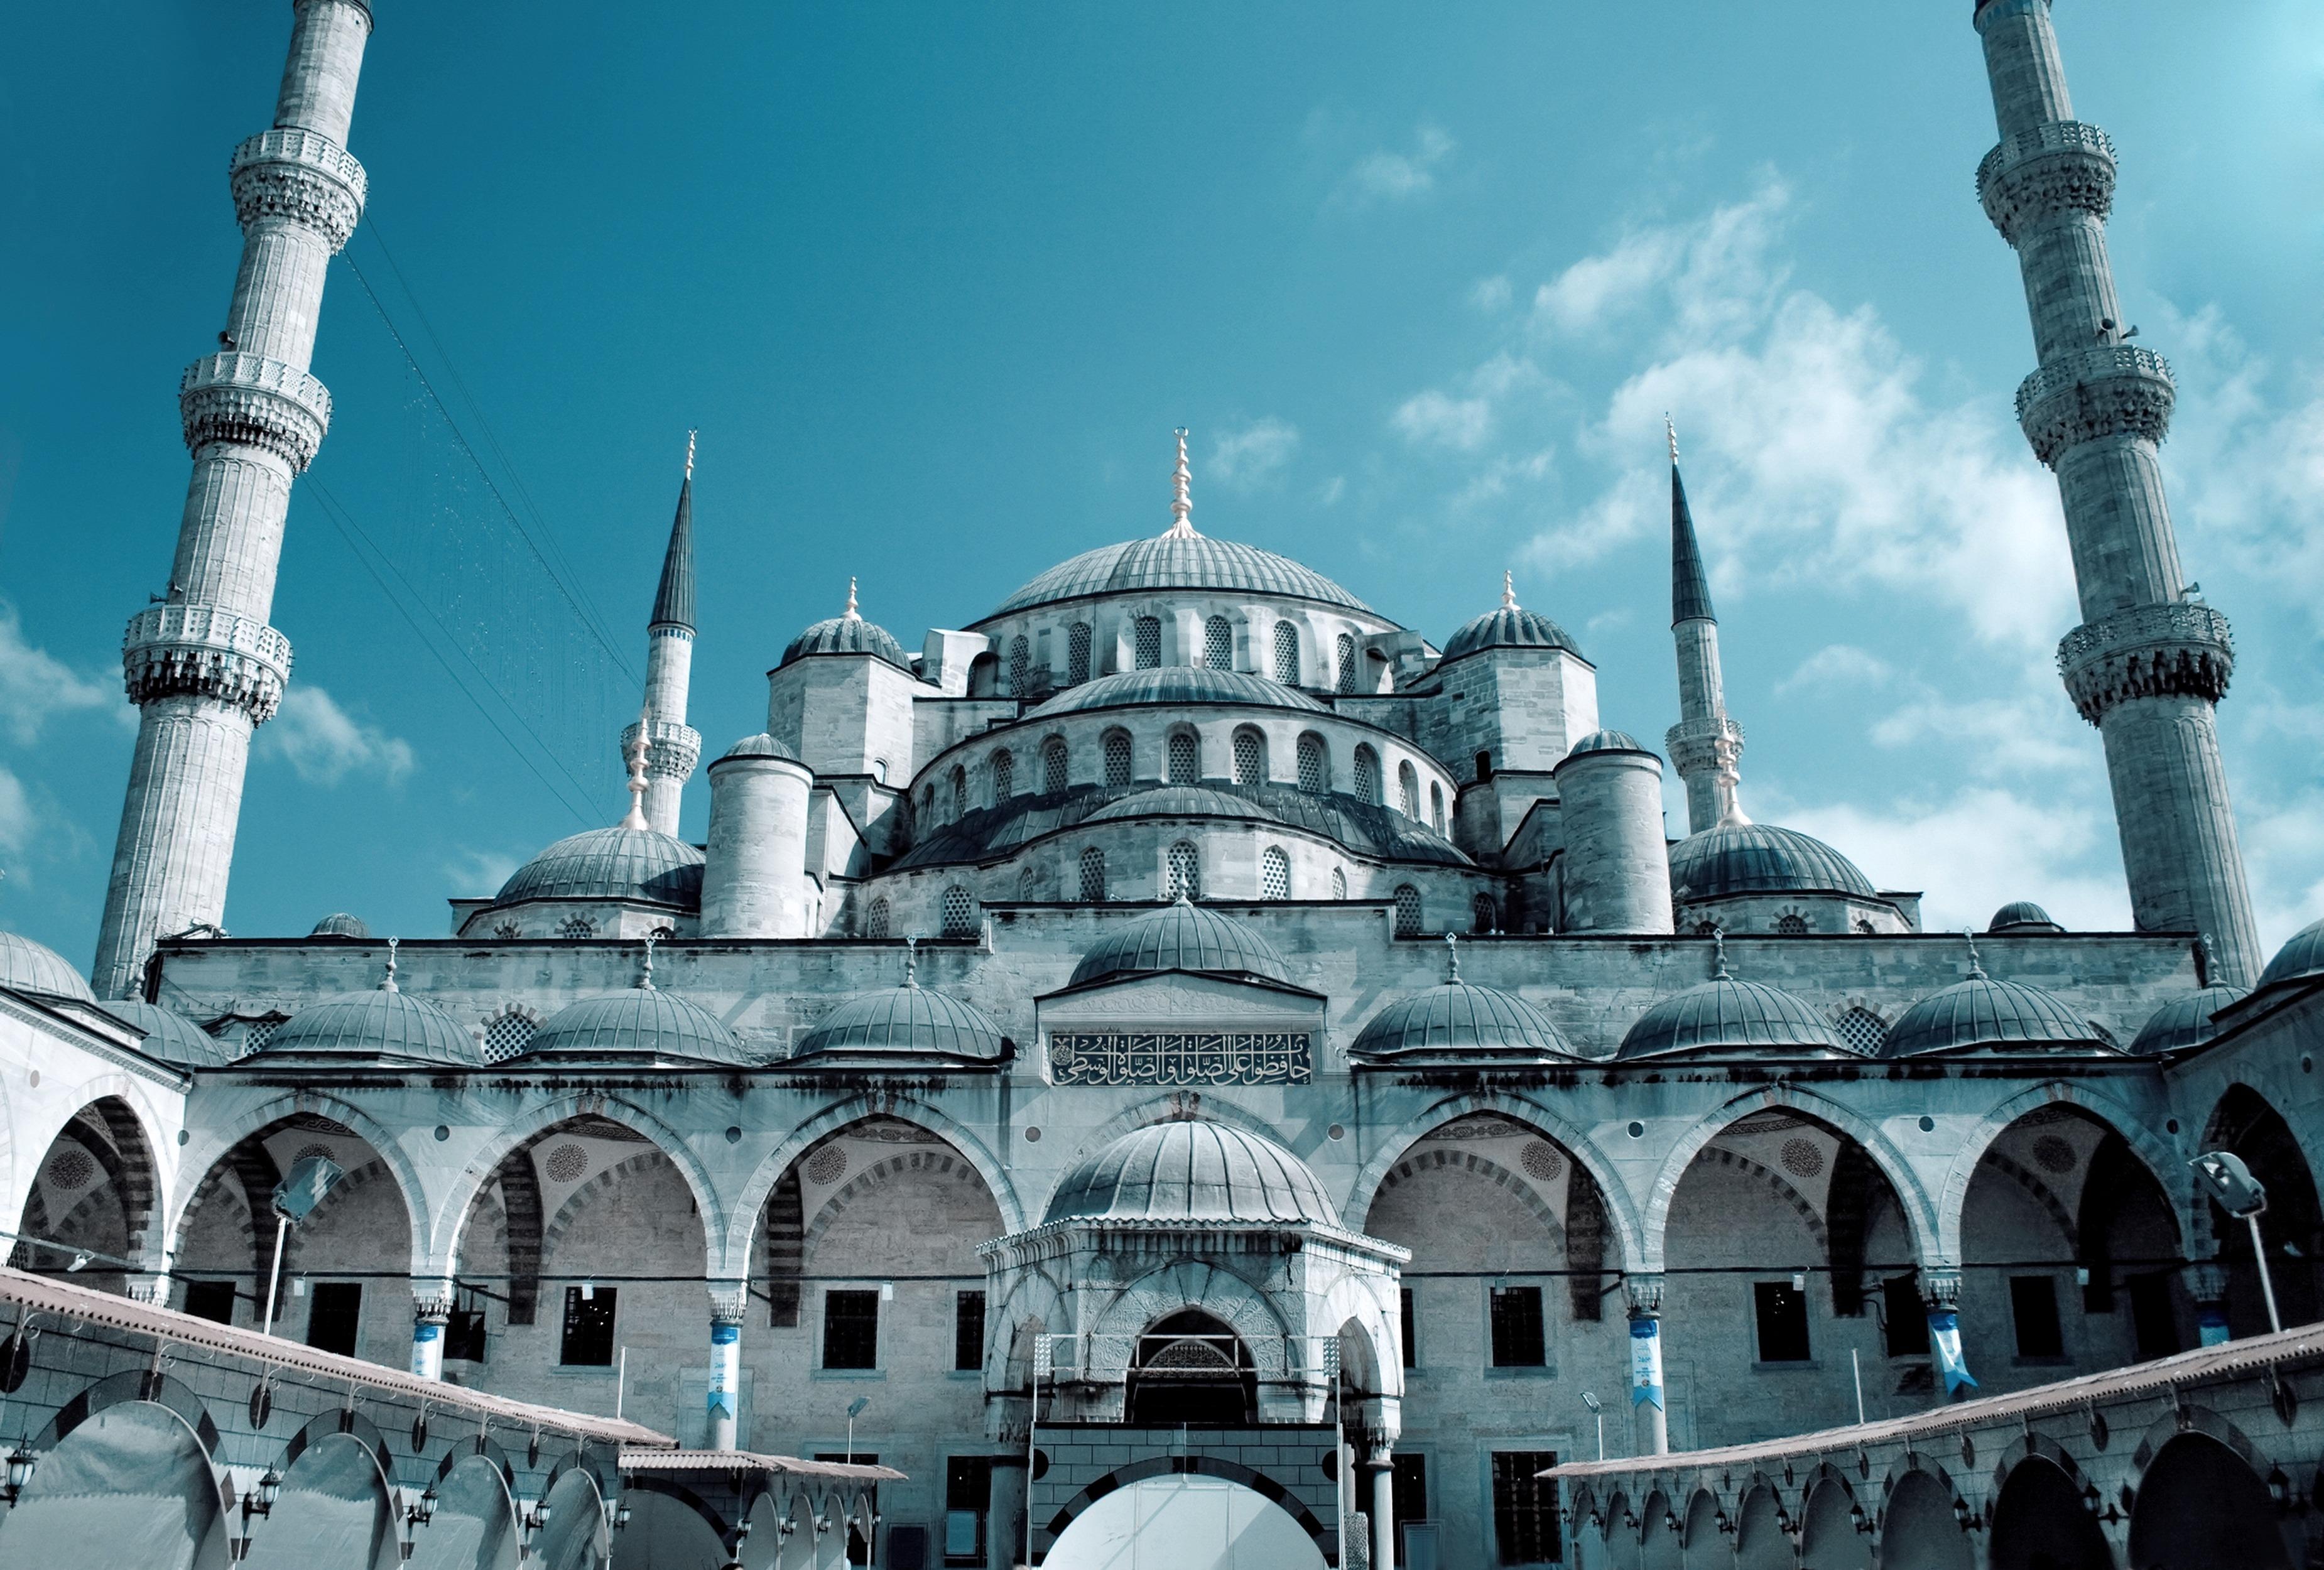 красивые картинки на аву мечеть рекламной кампании была